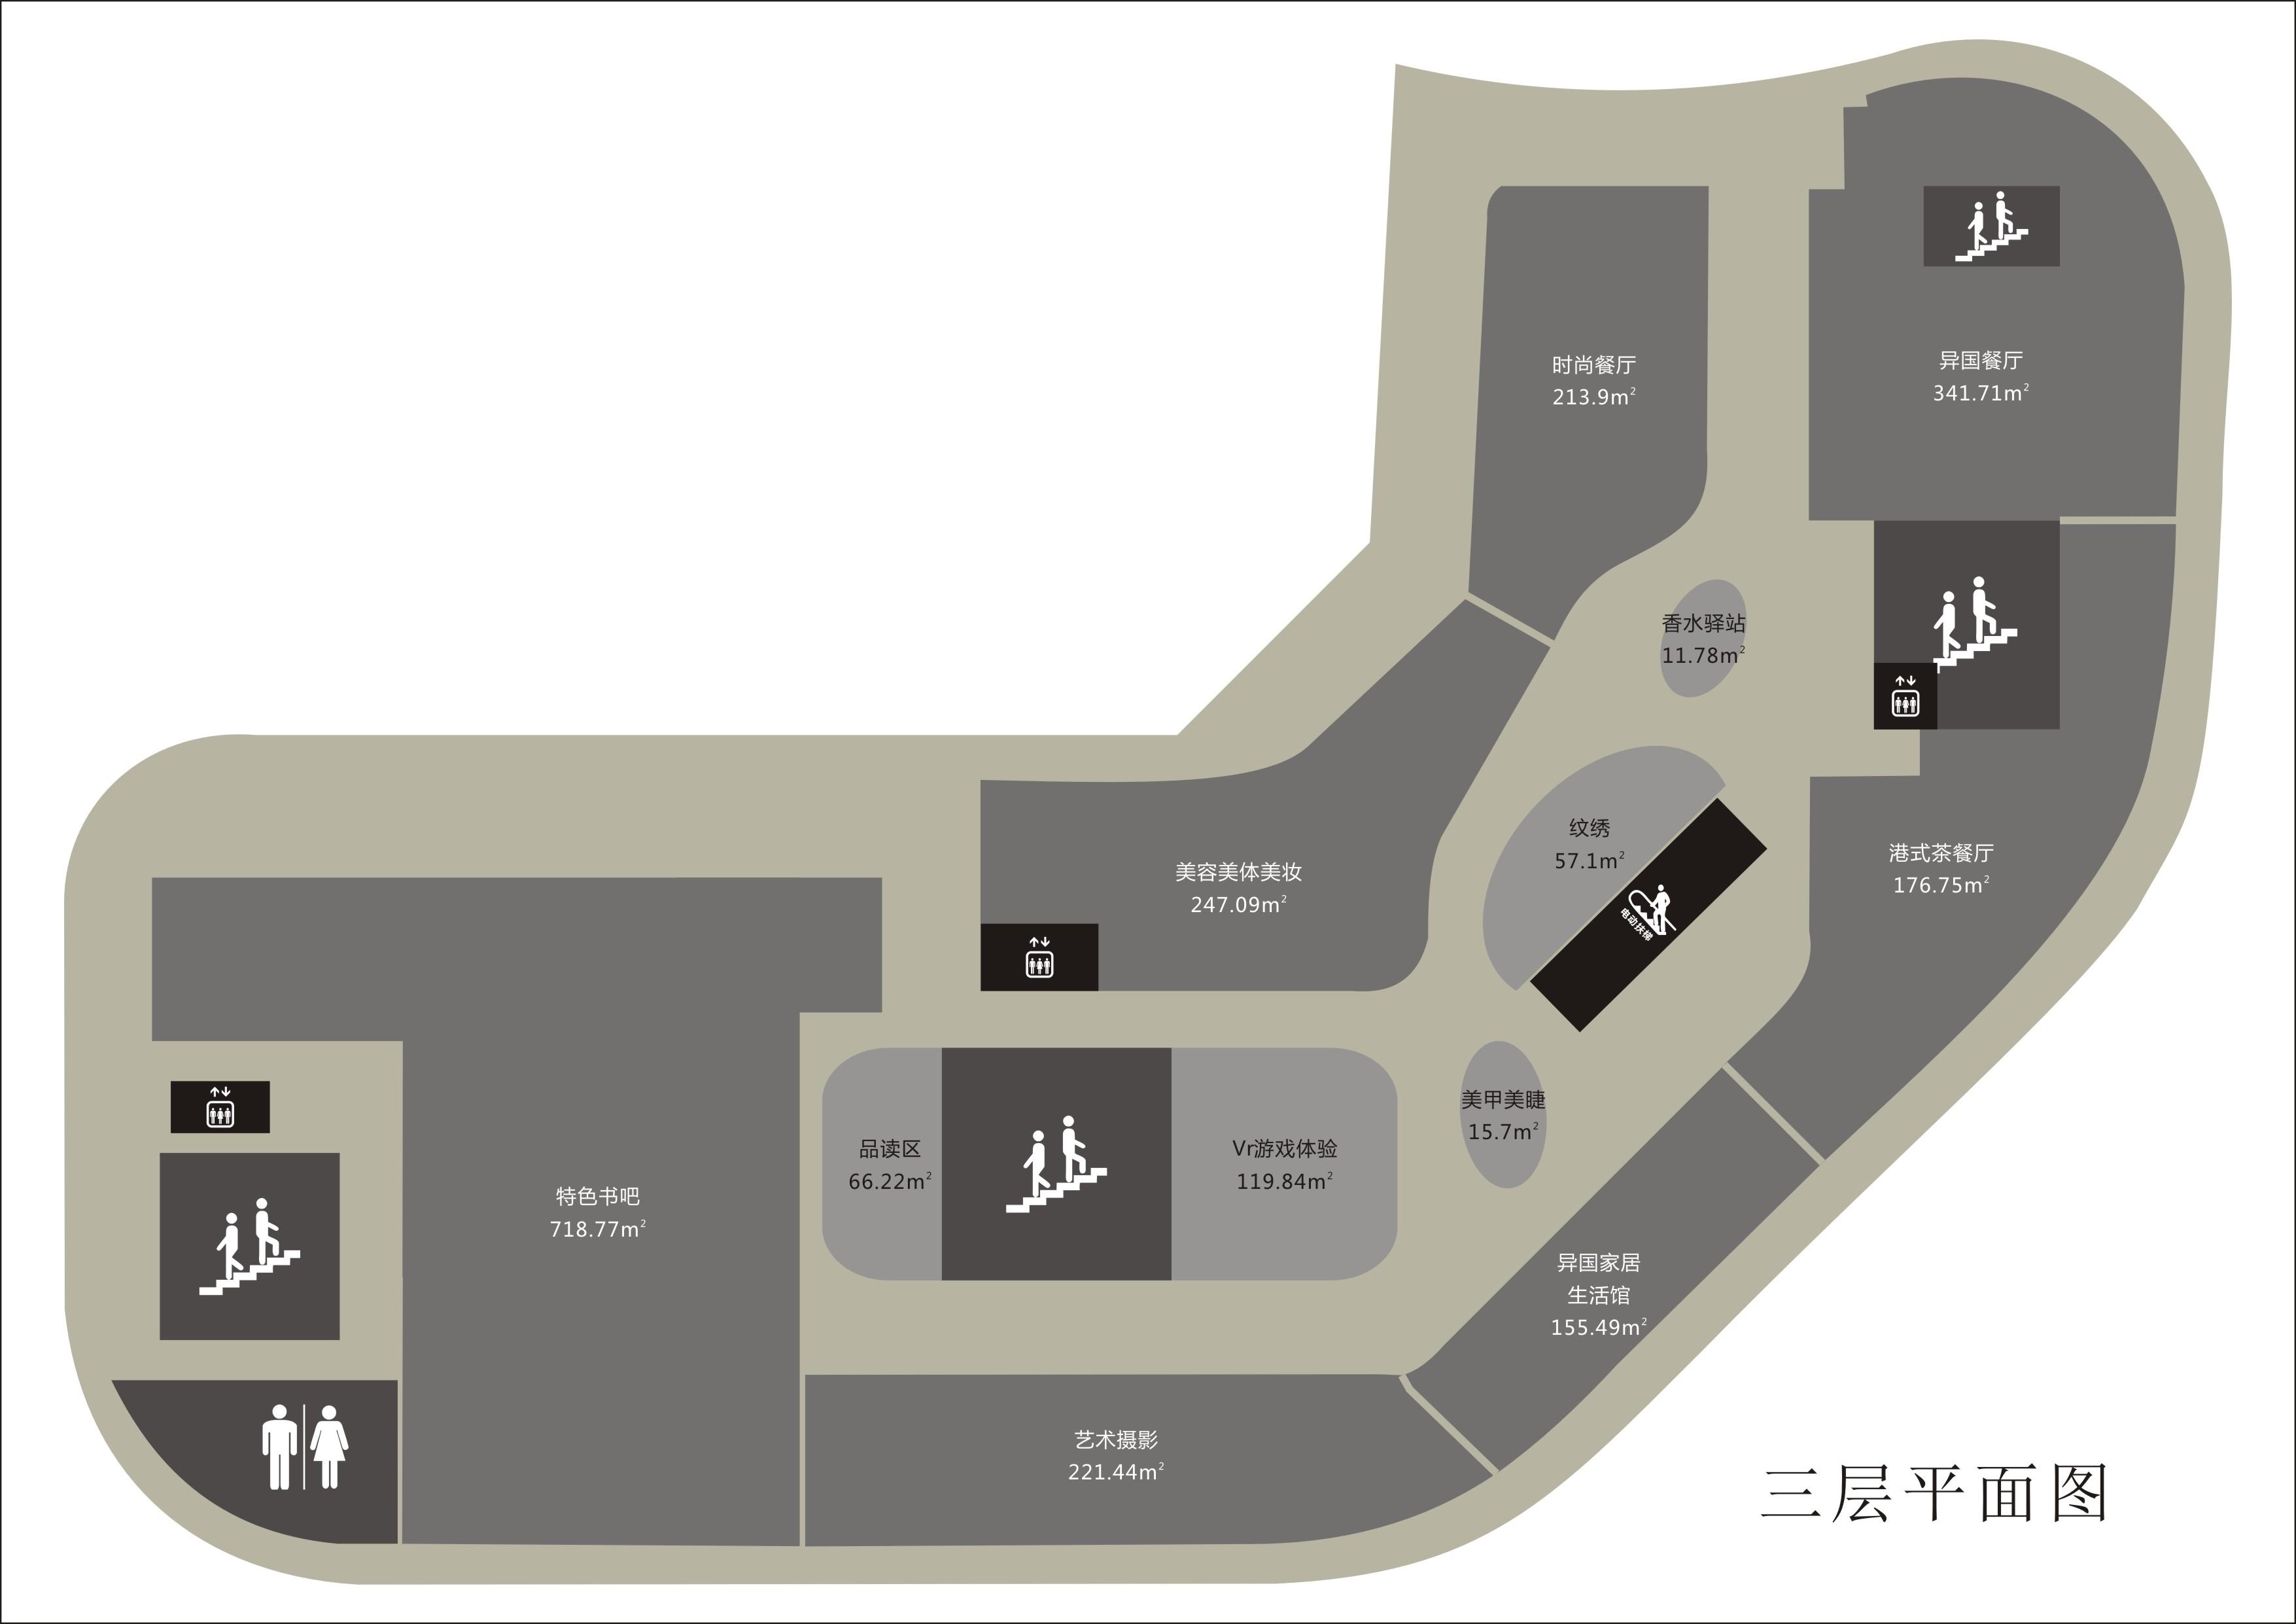 乐山国际旅游世界城